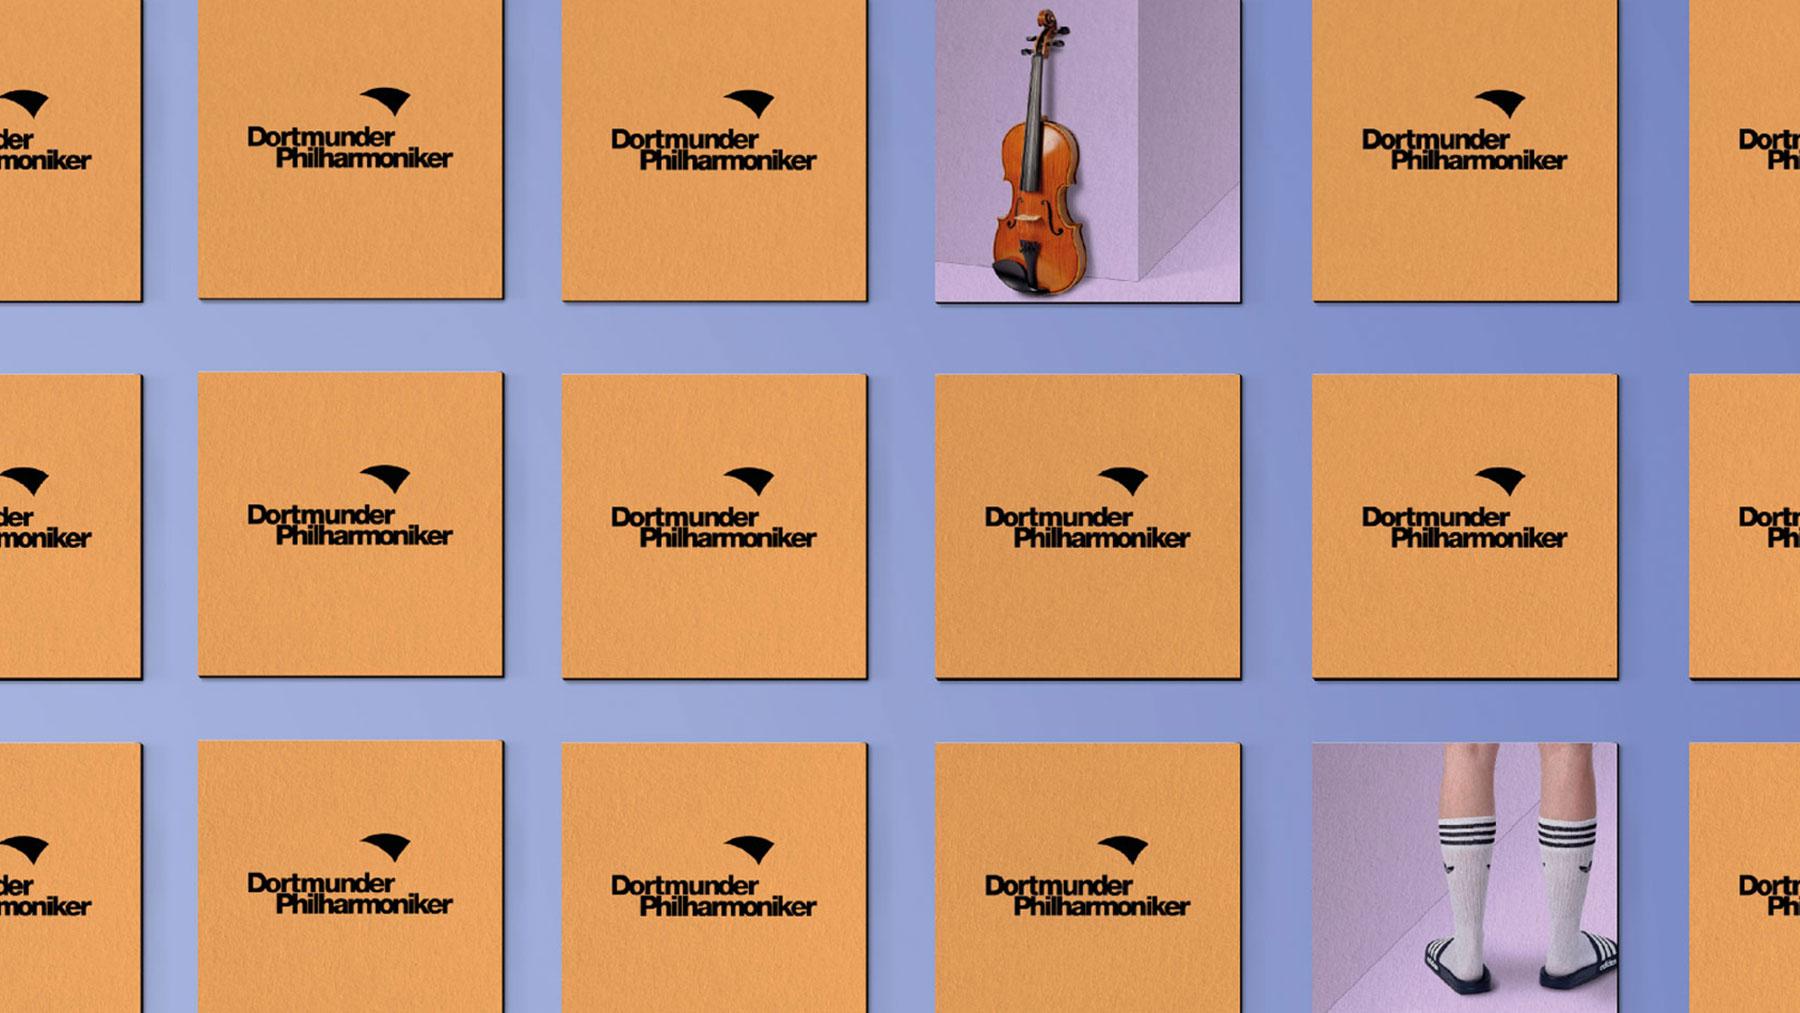 OF_Dortmunder_Philharmoniker_Memory_b